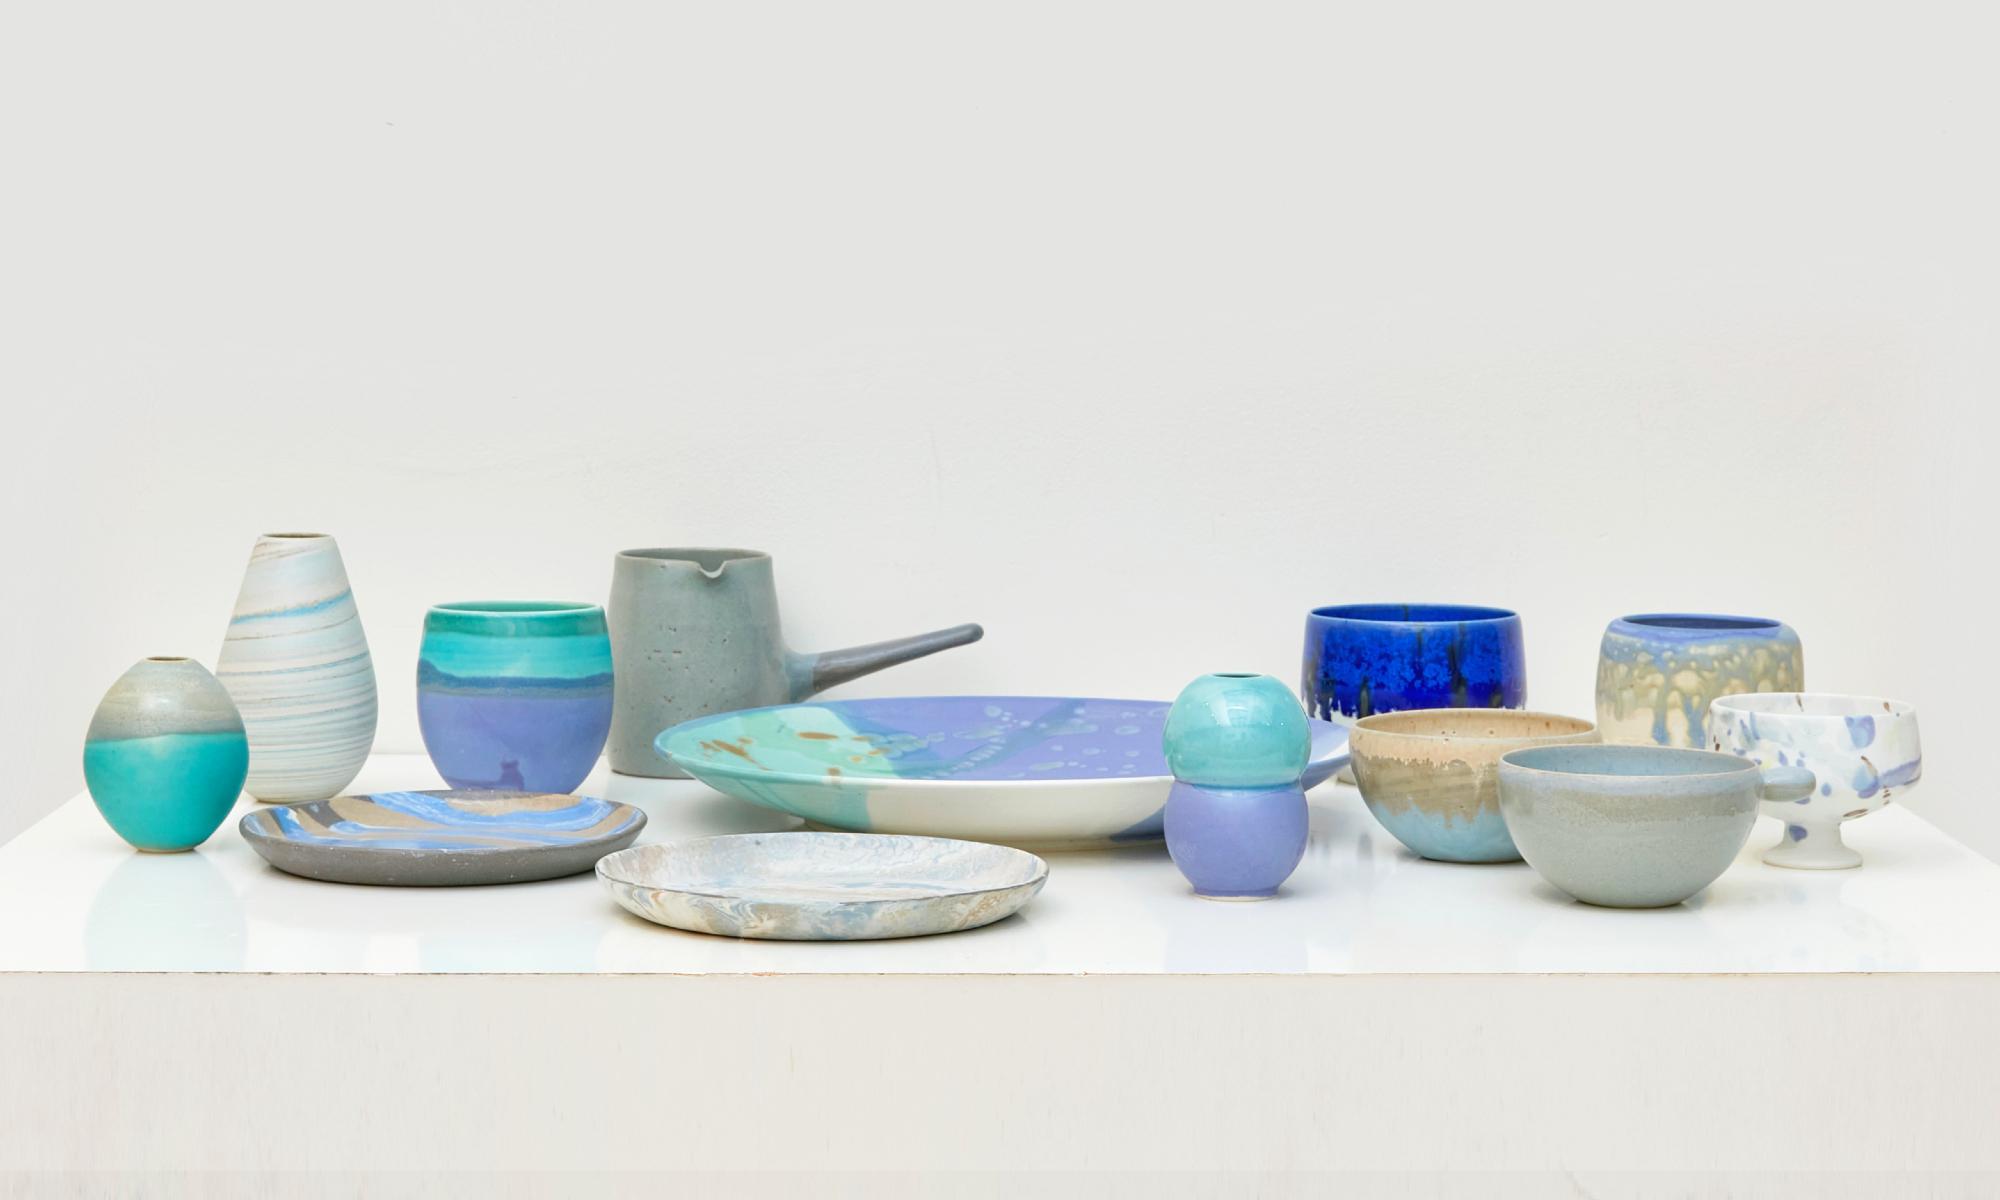 ギャルリー・ヴィー 自由が丘店にて陶芸作家・竹村良訓氏による「 Takemura Yoshinori -collection blue- 」を開催